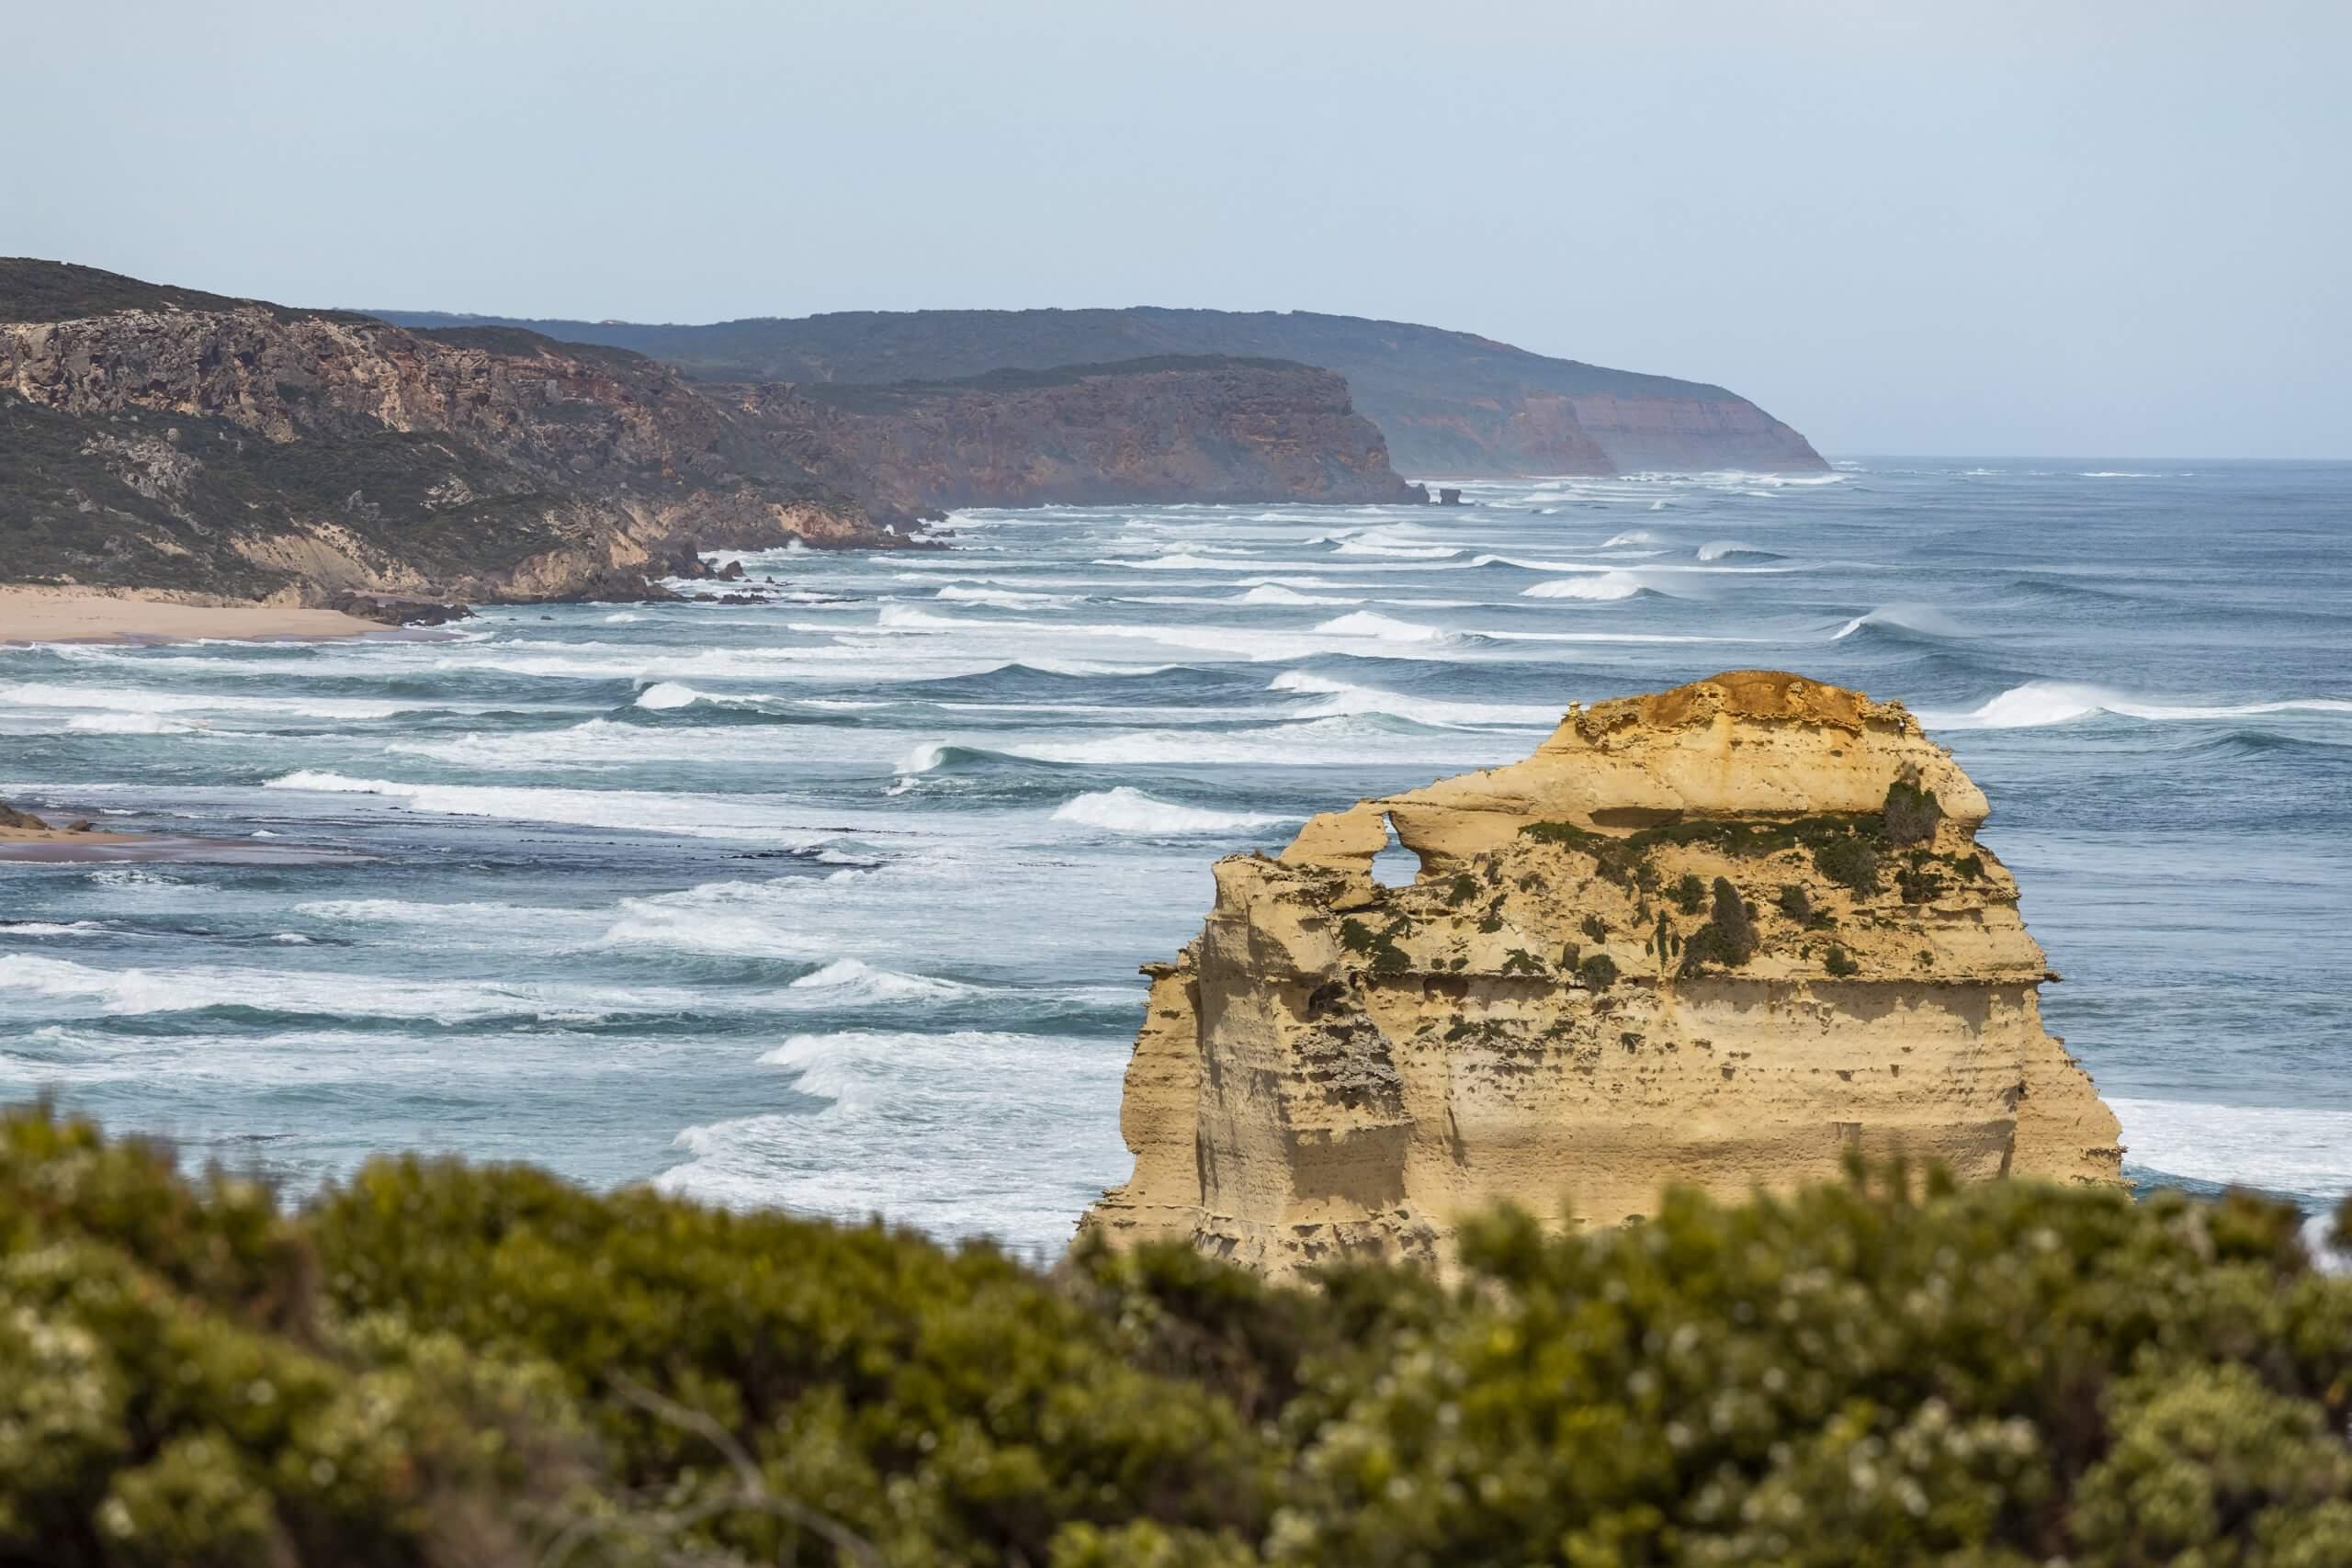 die wilde Küste der Great Ocean Road